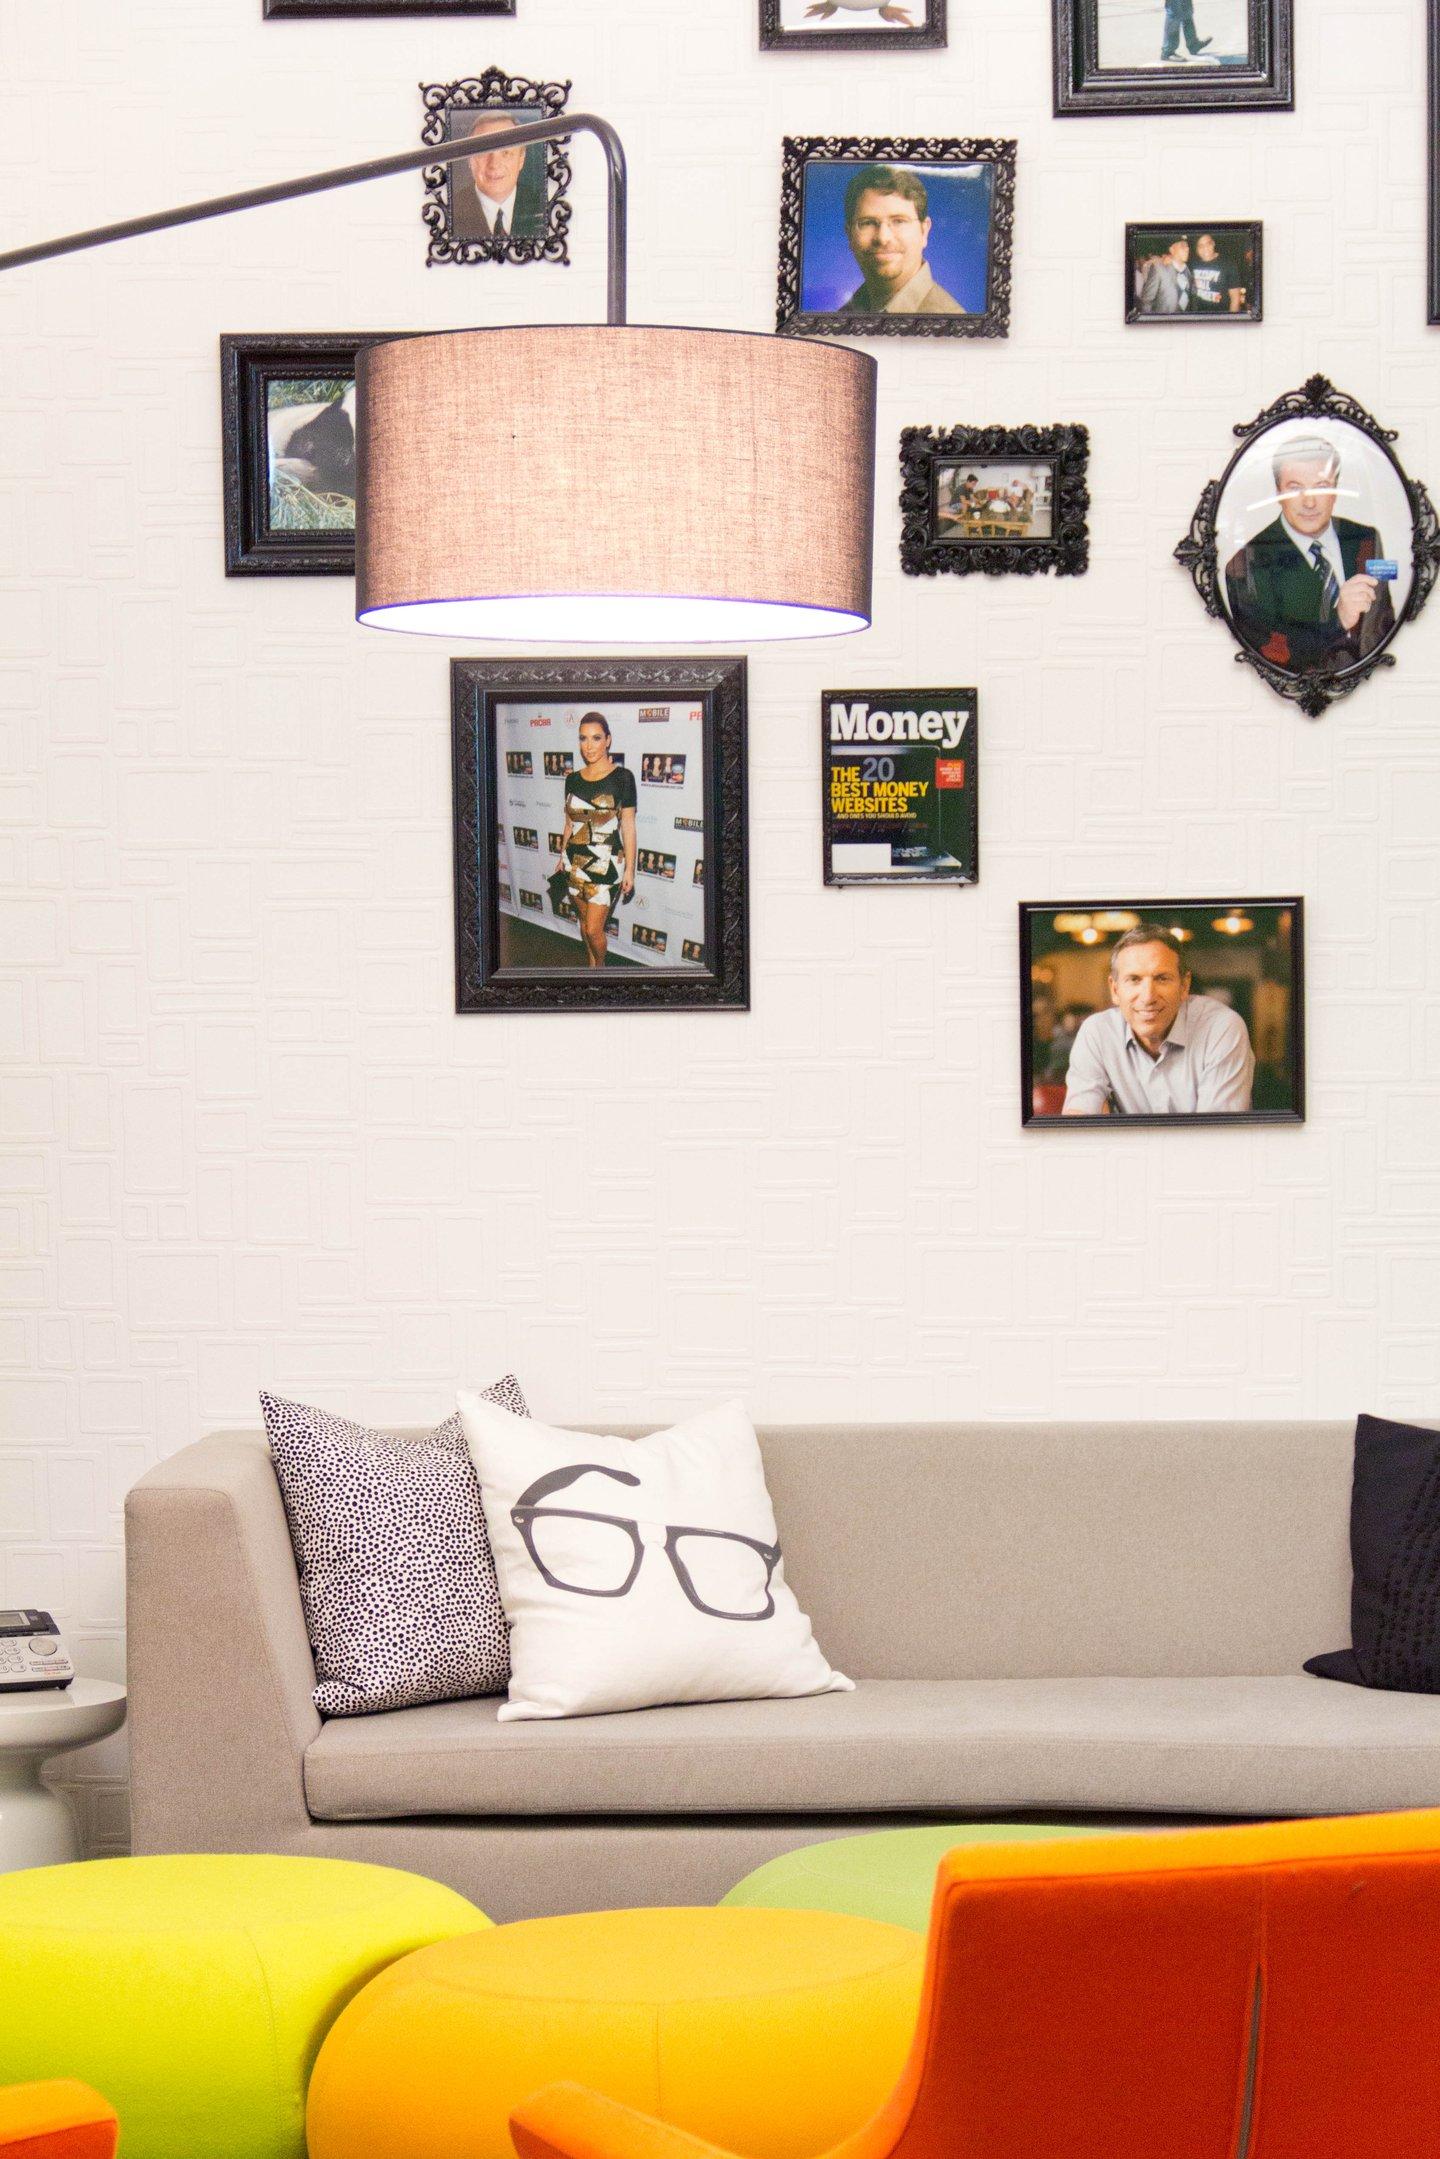 NerdWallet Branding - Custom Spaces